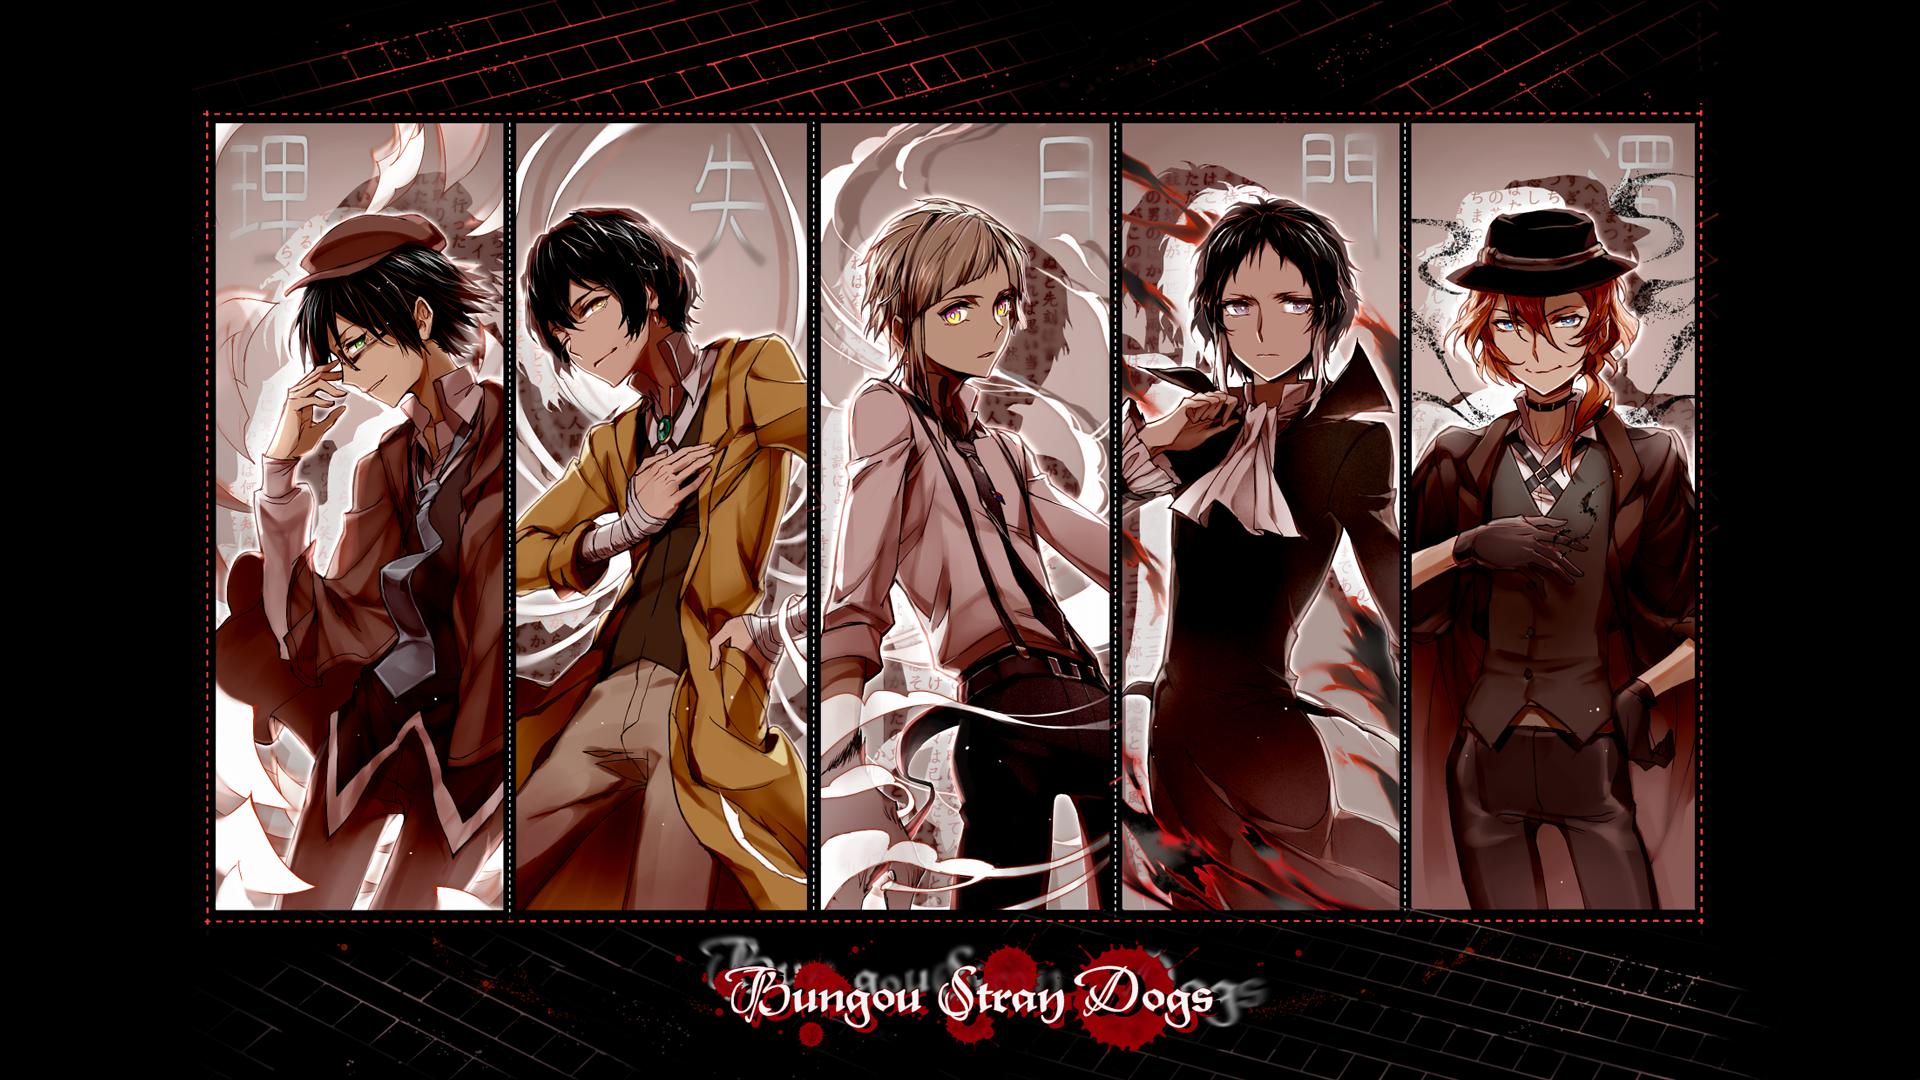 Anime Bungou Stray Dogs Chuya Nakahara Atsushi Nakajima Ranpo